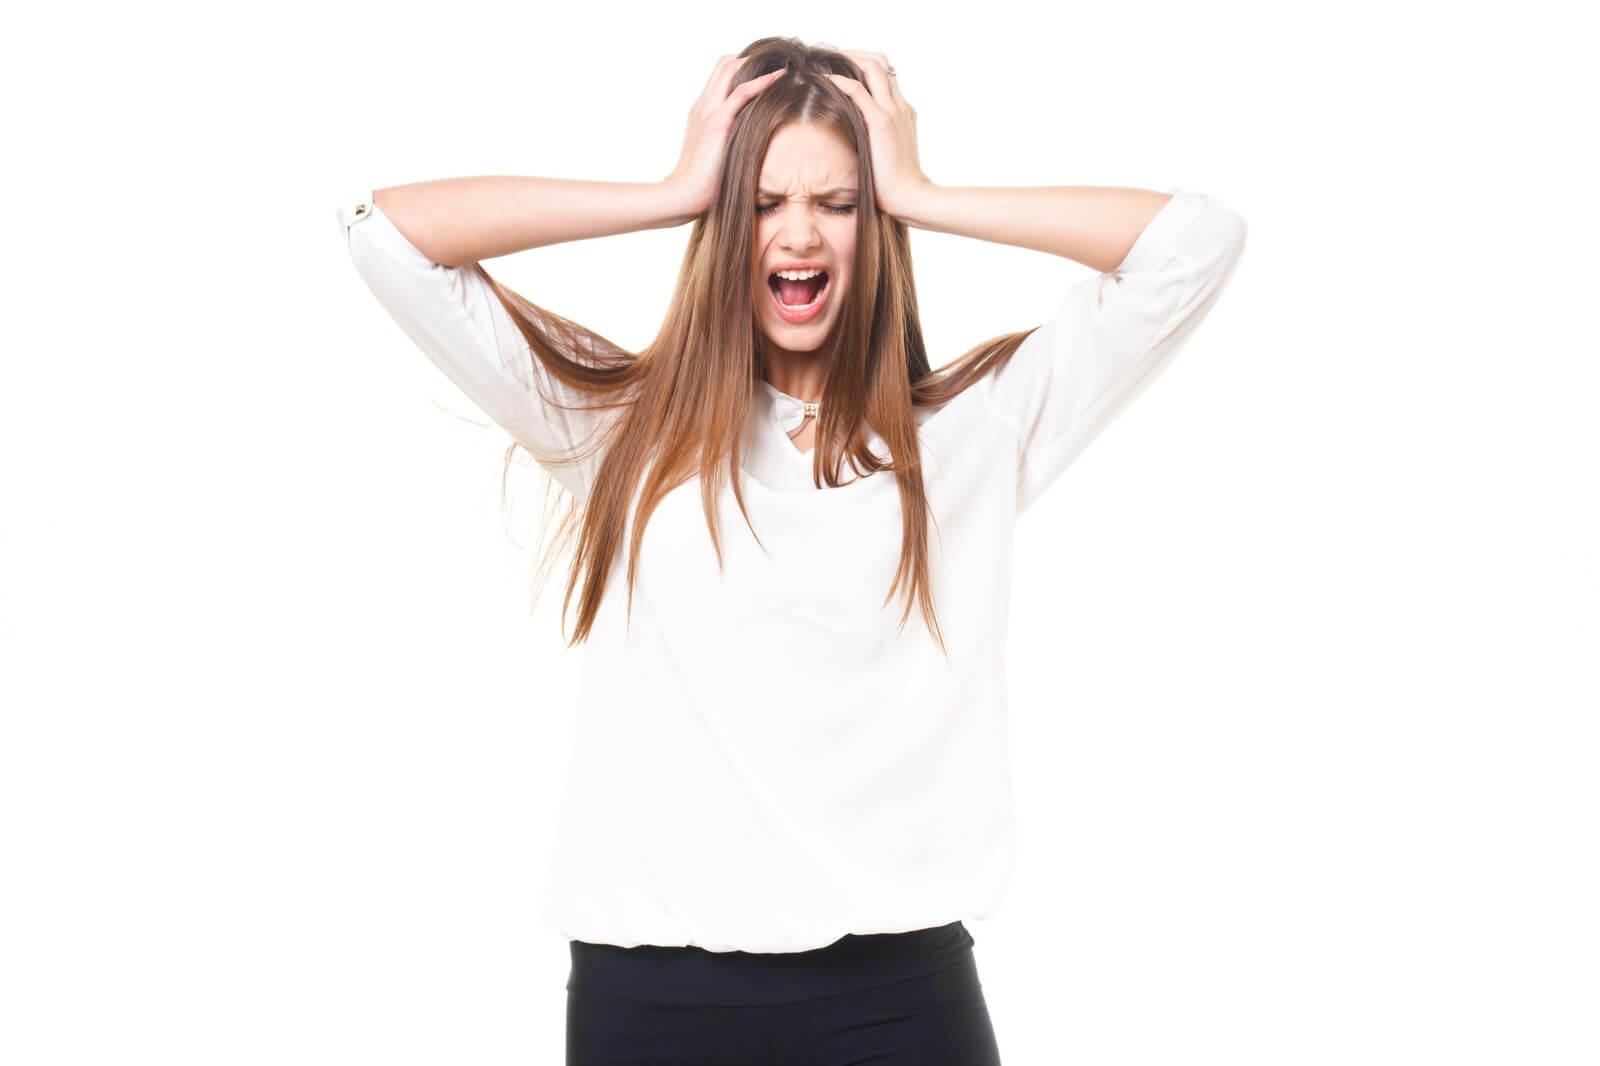 産後に抜け毛で悩んでる!!軽減する方法と落ち着く時期教えます!